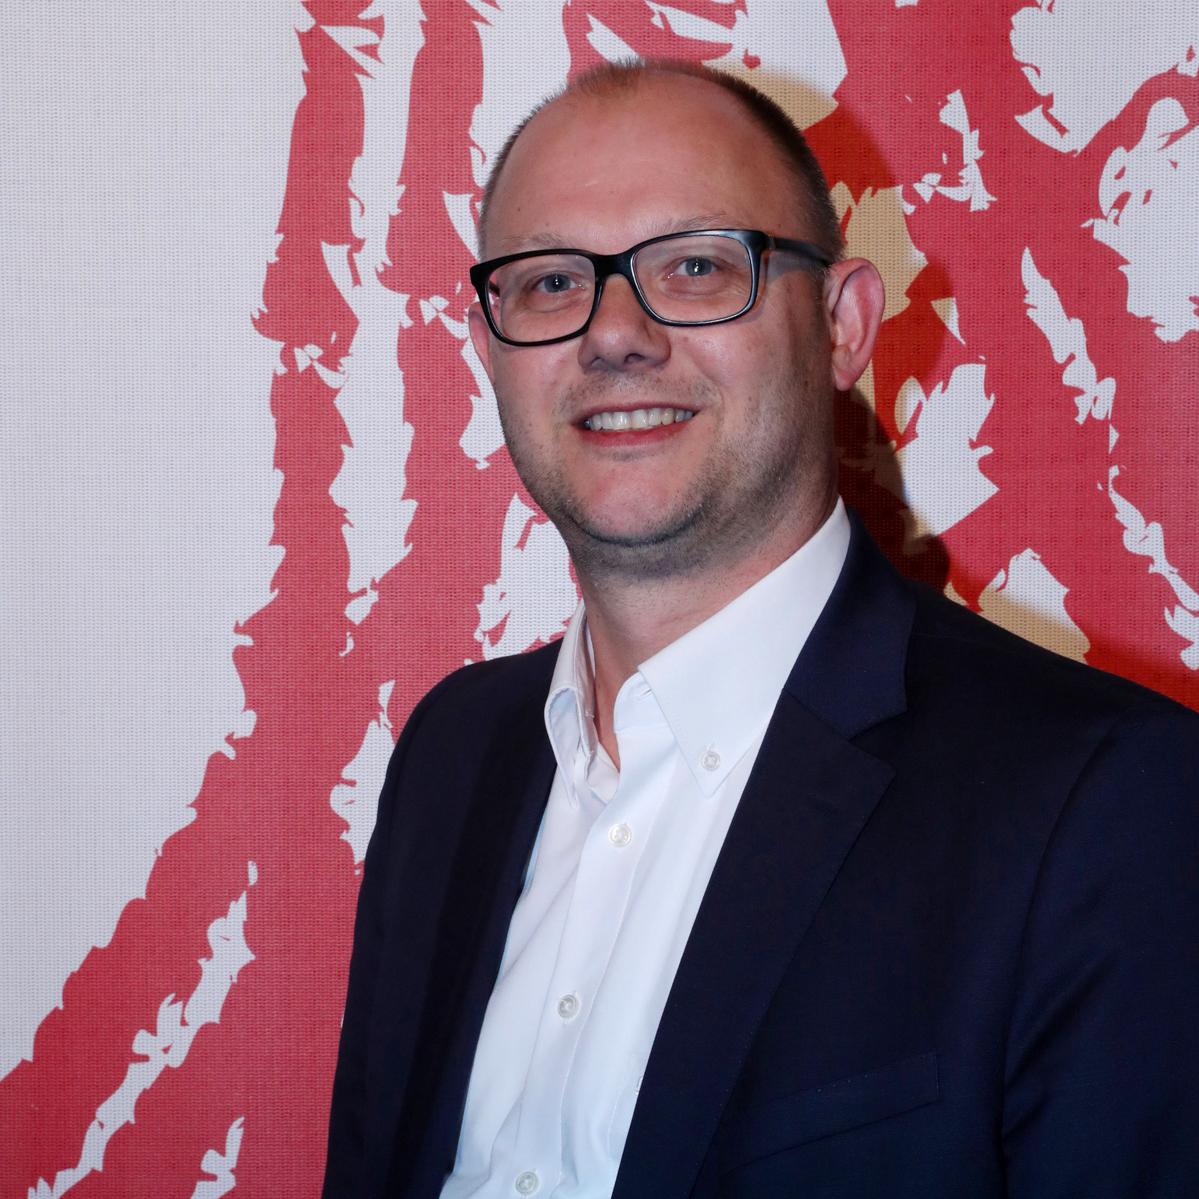 Patrick Willemsen